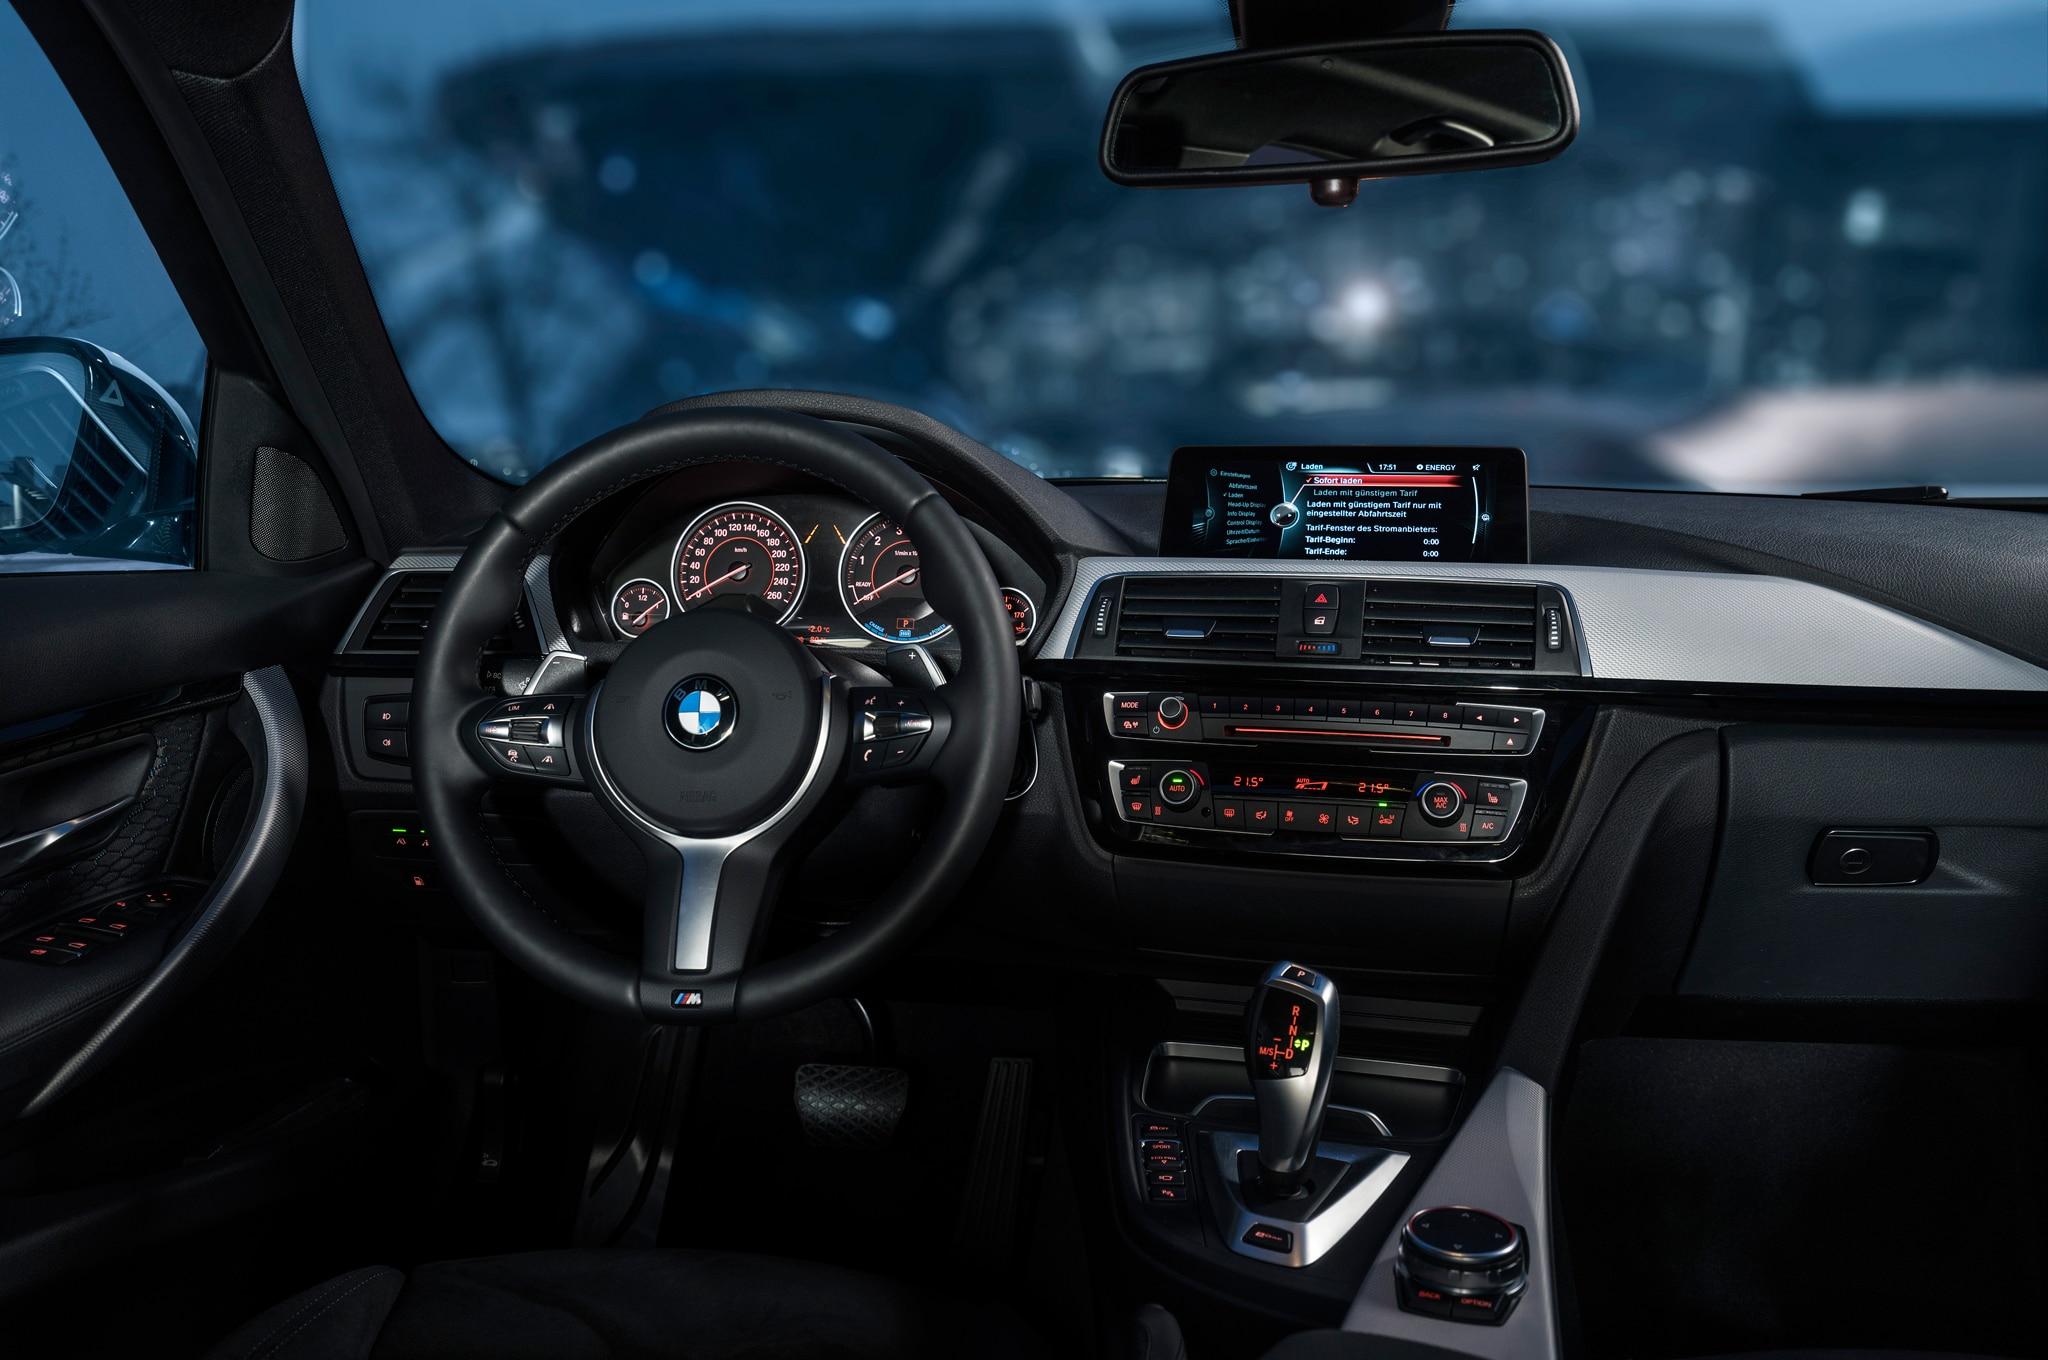 Bmw 320i 2016 >> U.S.-Spec 2017 BMW 330e iPerformance Revealed in New York | Automobile Magazine